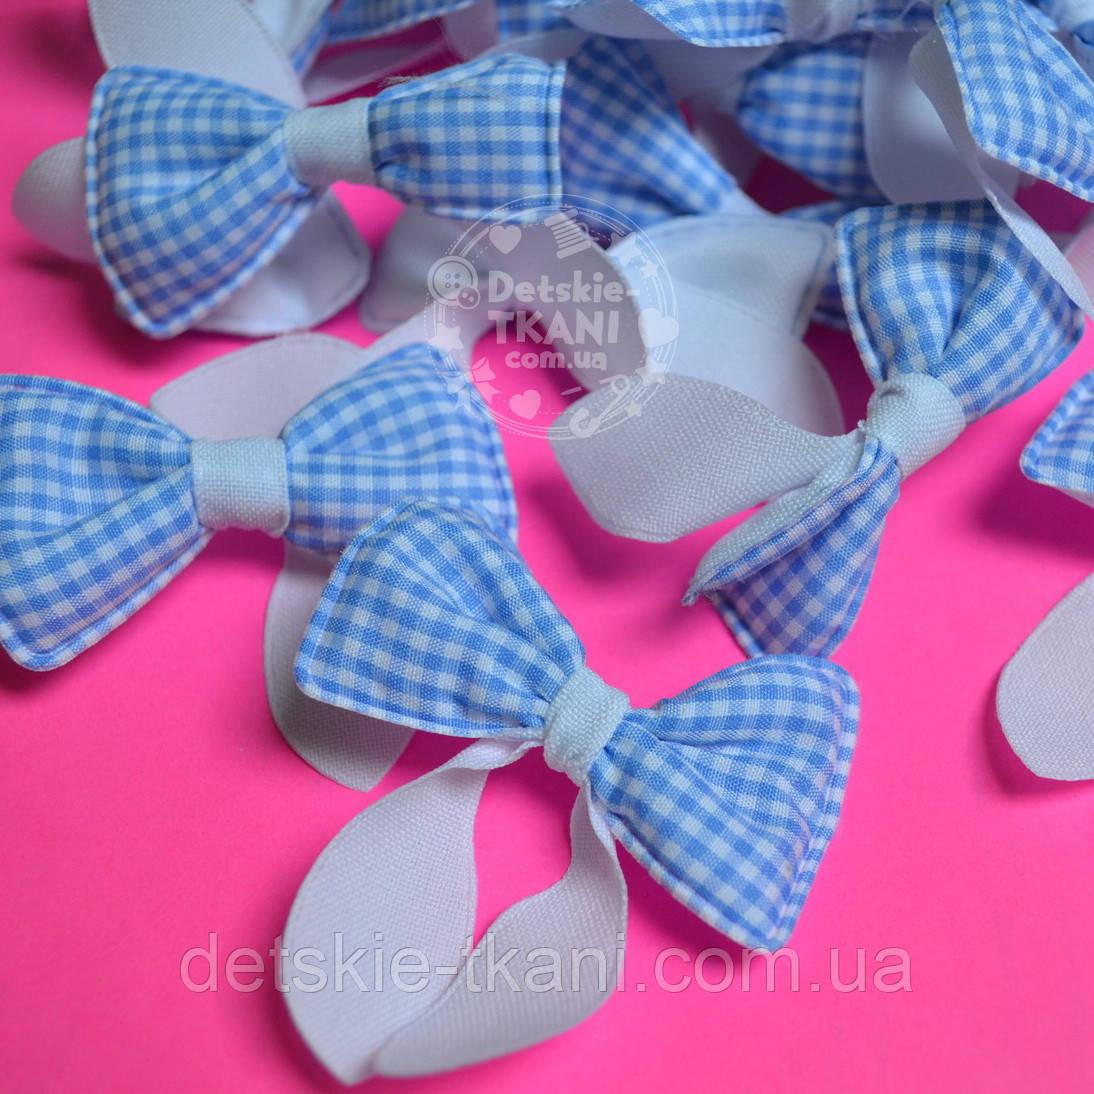 Декор для швейных изделий: бантики голубого цвета (в клеточку).